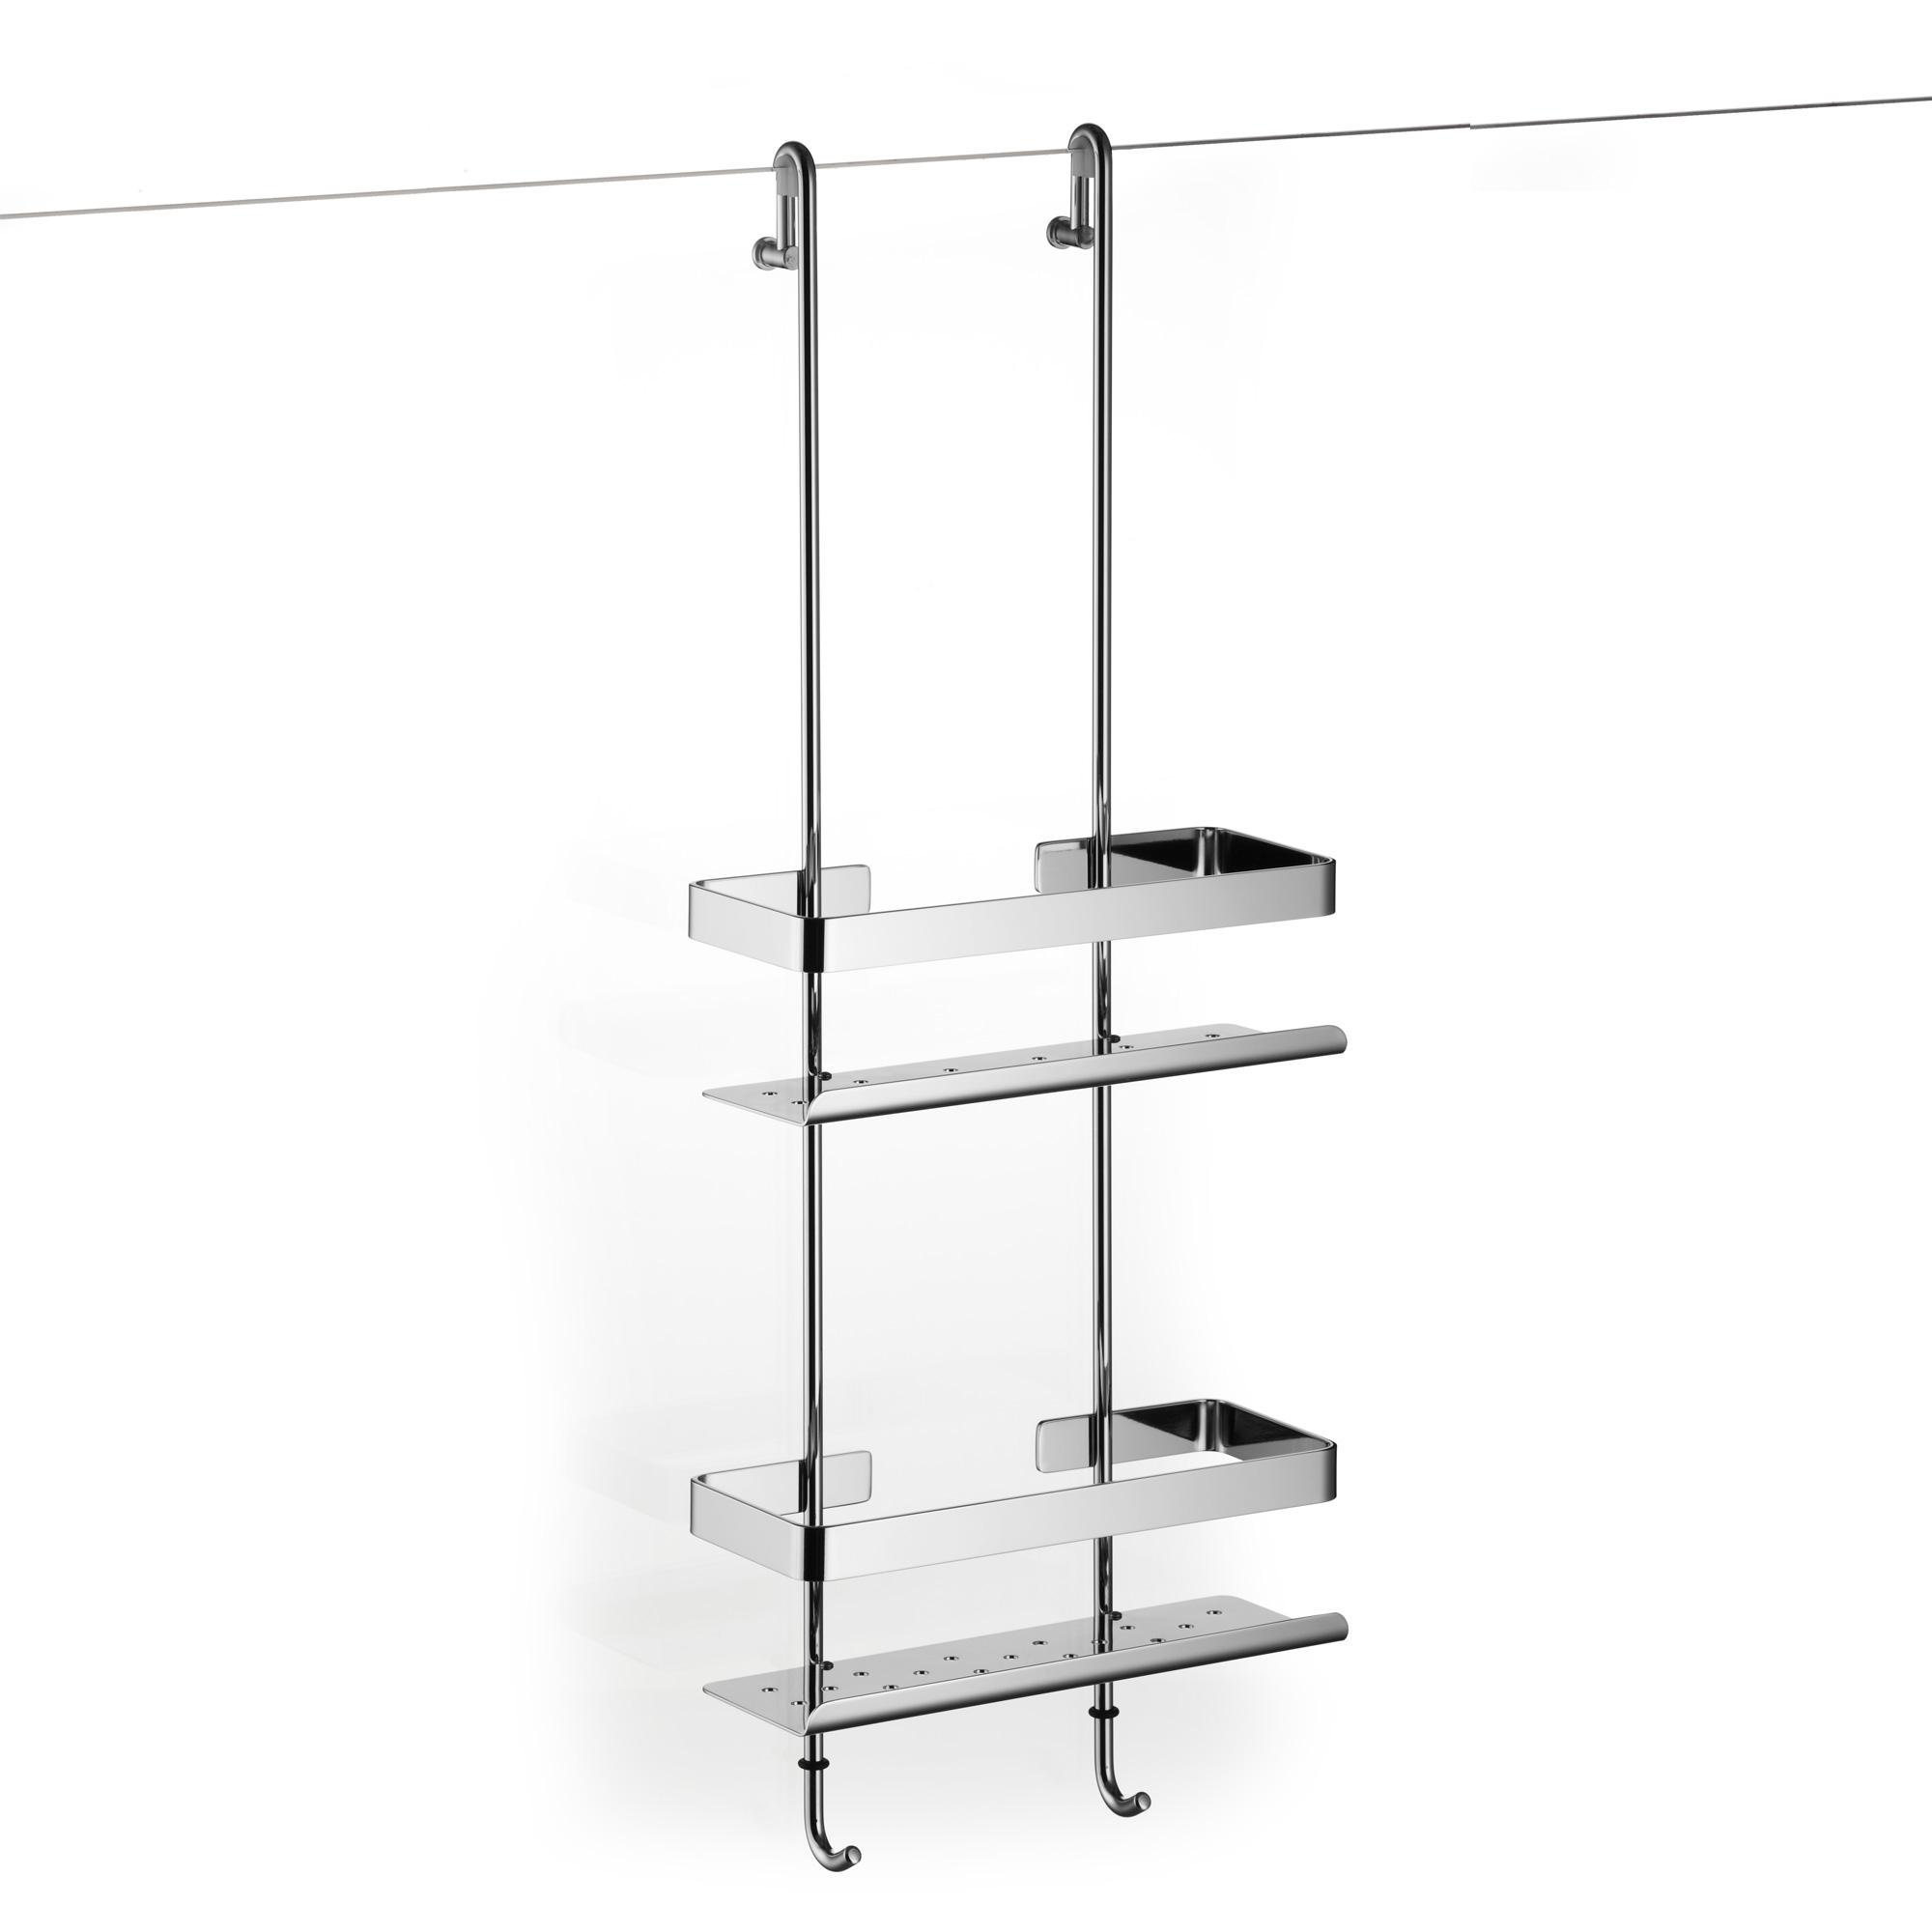 giese bodyguard 30710 02 h nge duschkorb mit halter f r. Black Bedroom Furniture Sets. Home Design Ideas